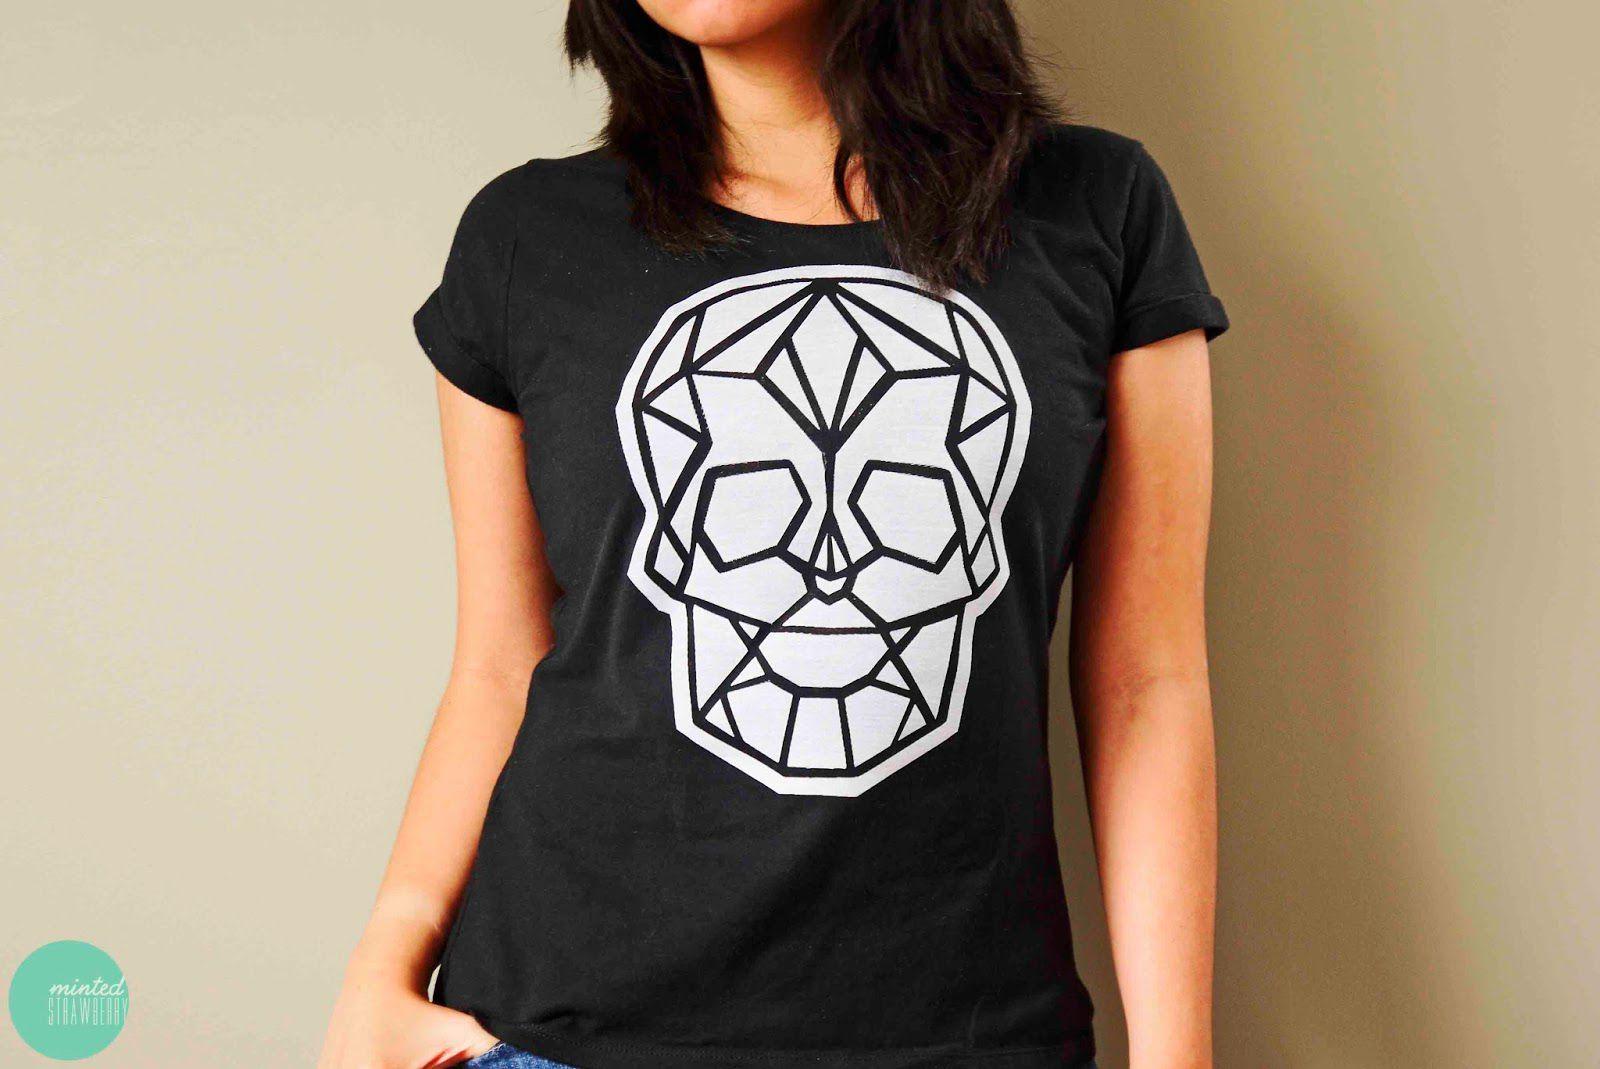 DIY Iron-On Skull T-shirt Halloween Costume